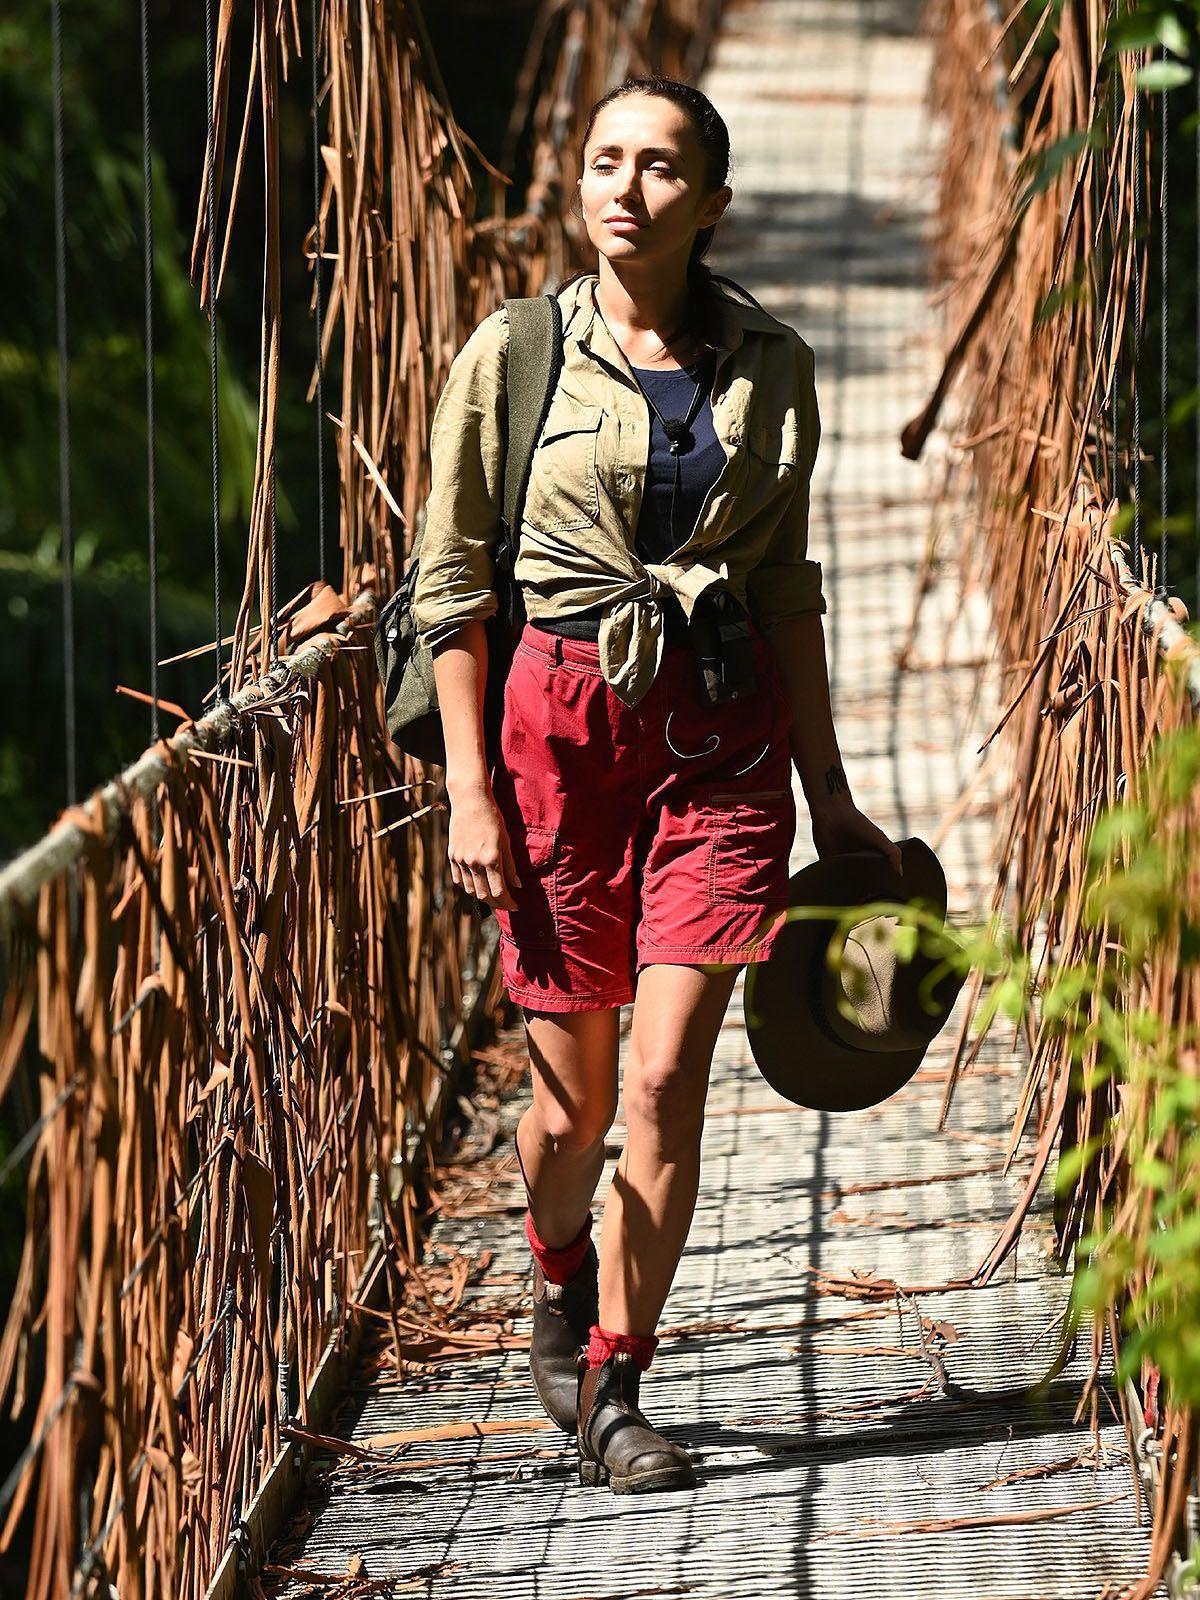 Wird Daniela Büchner im Dschungelcamp gemobbt?